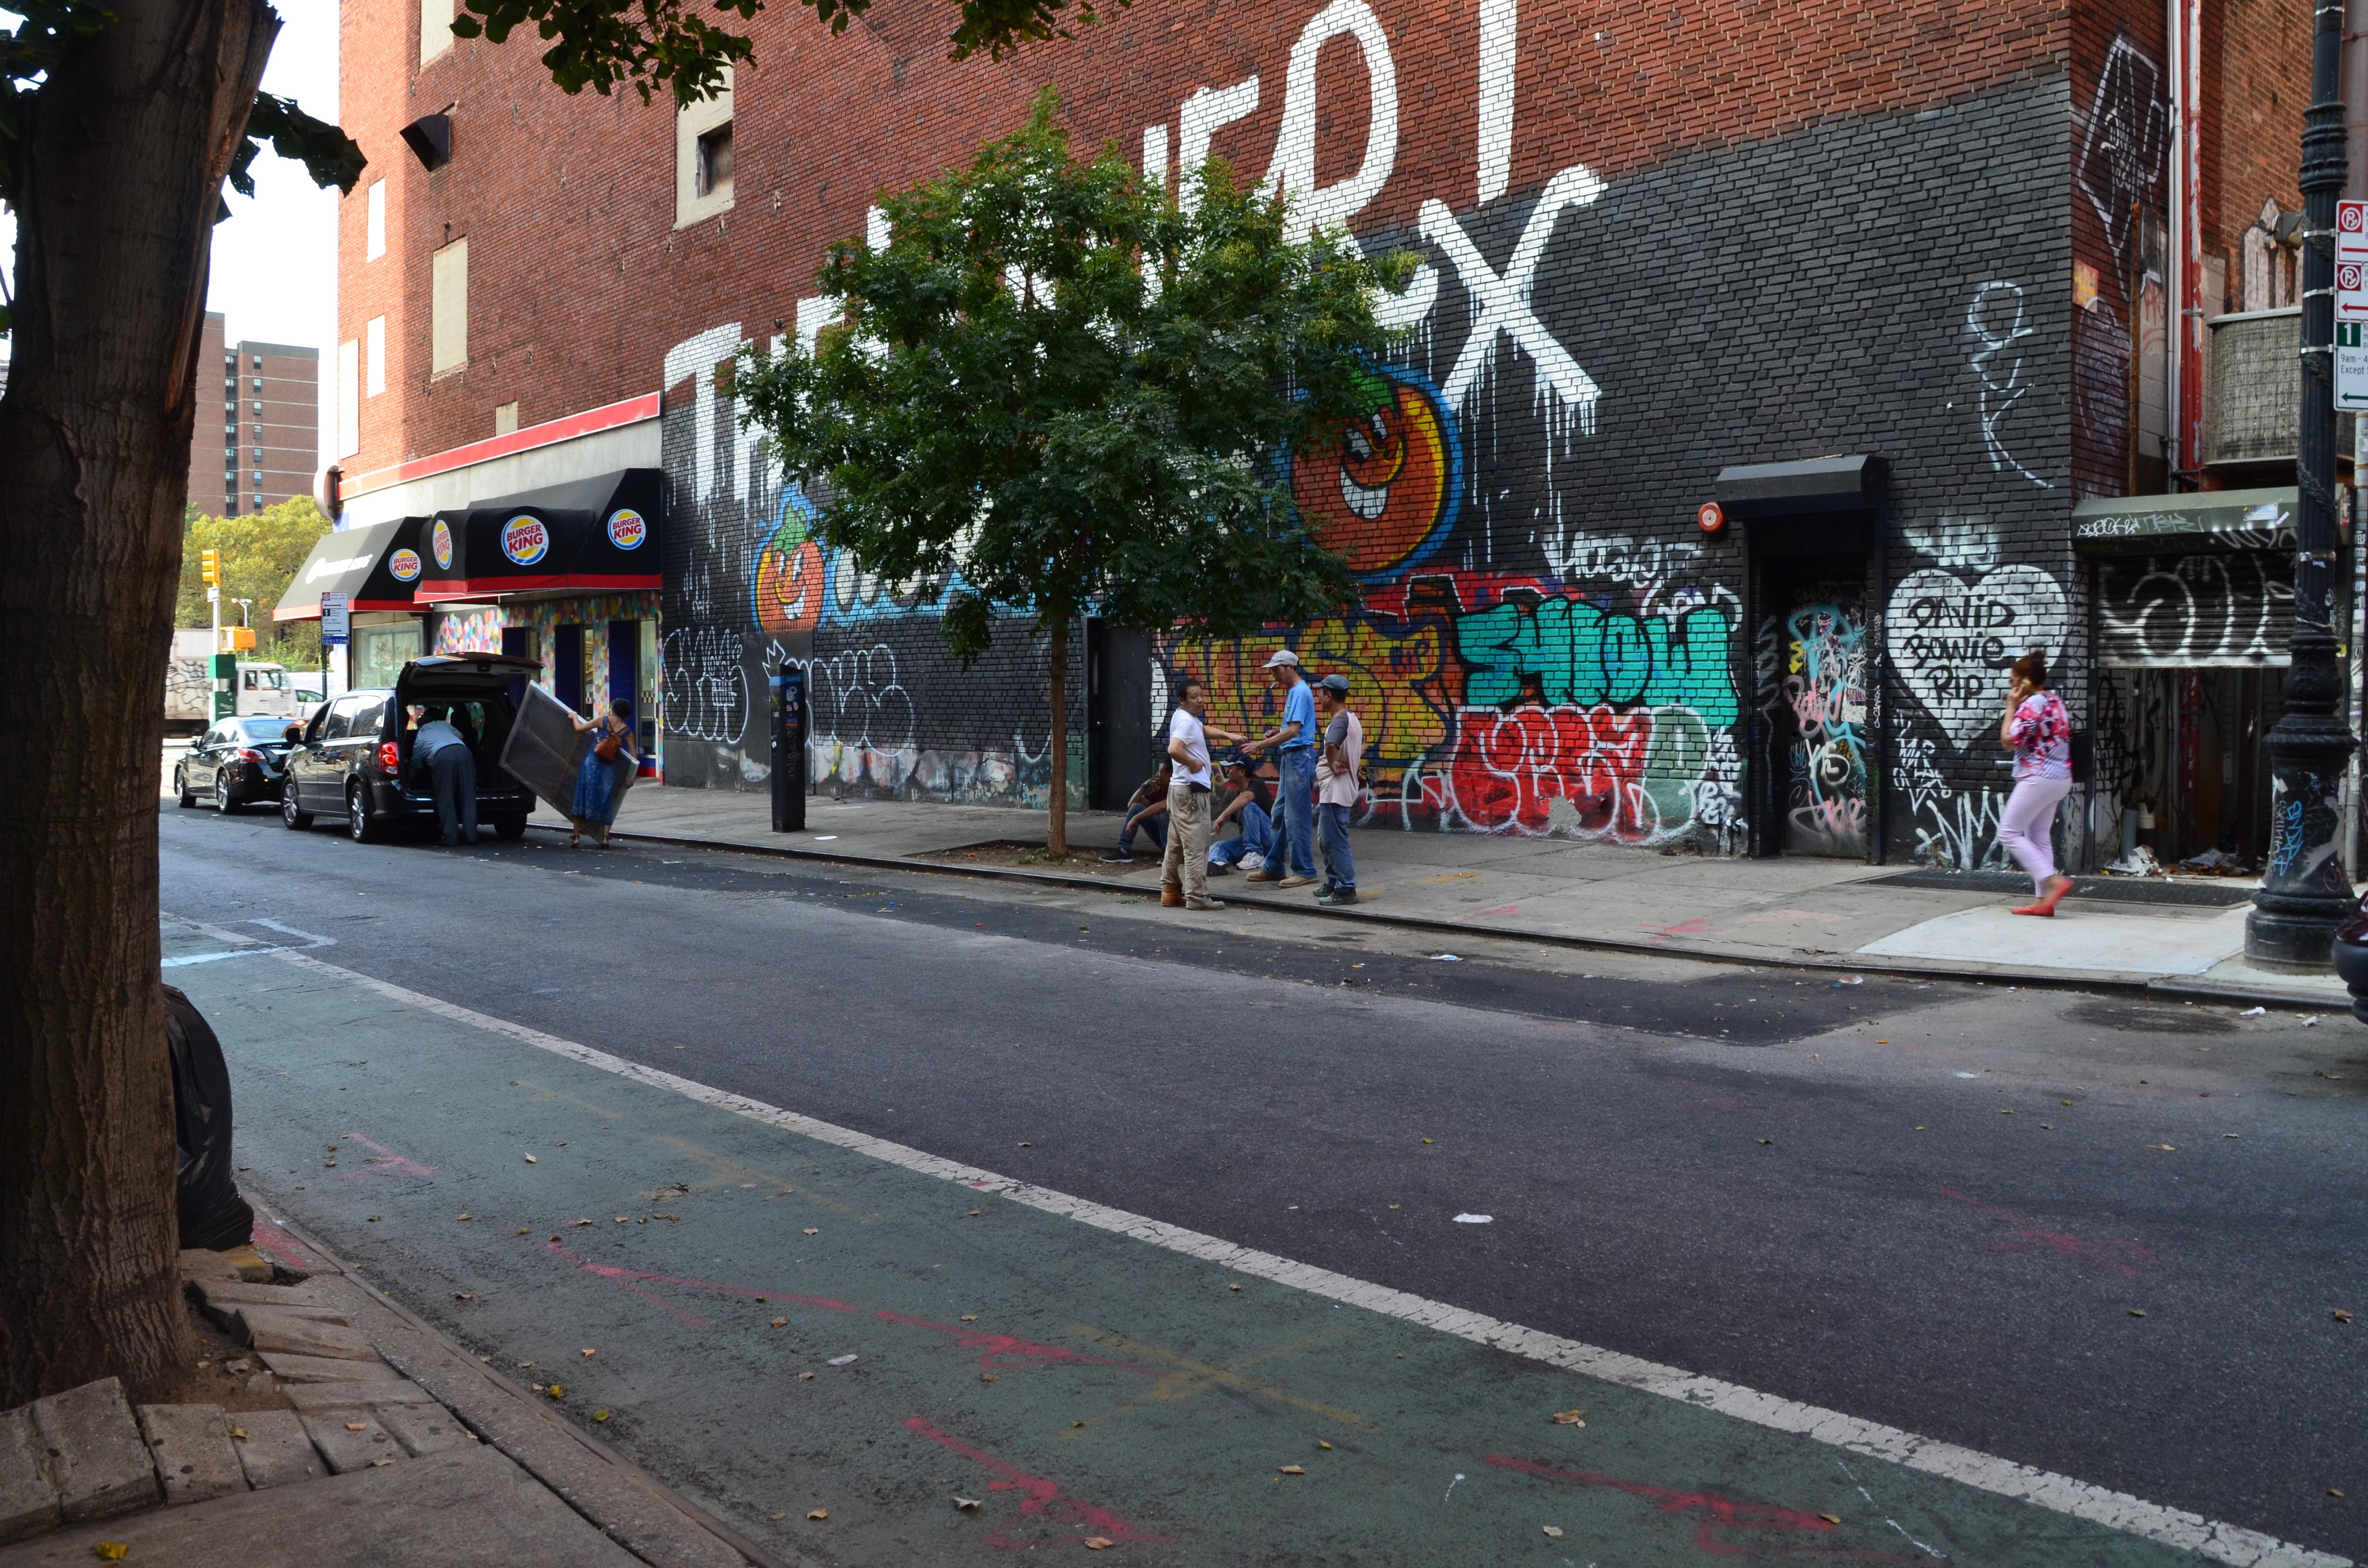 Wanderlust Wednesday // Street art in New York